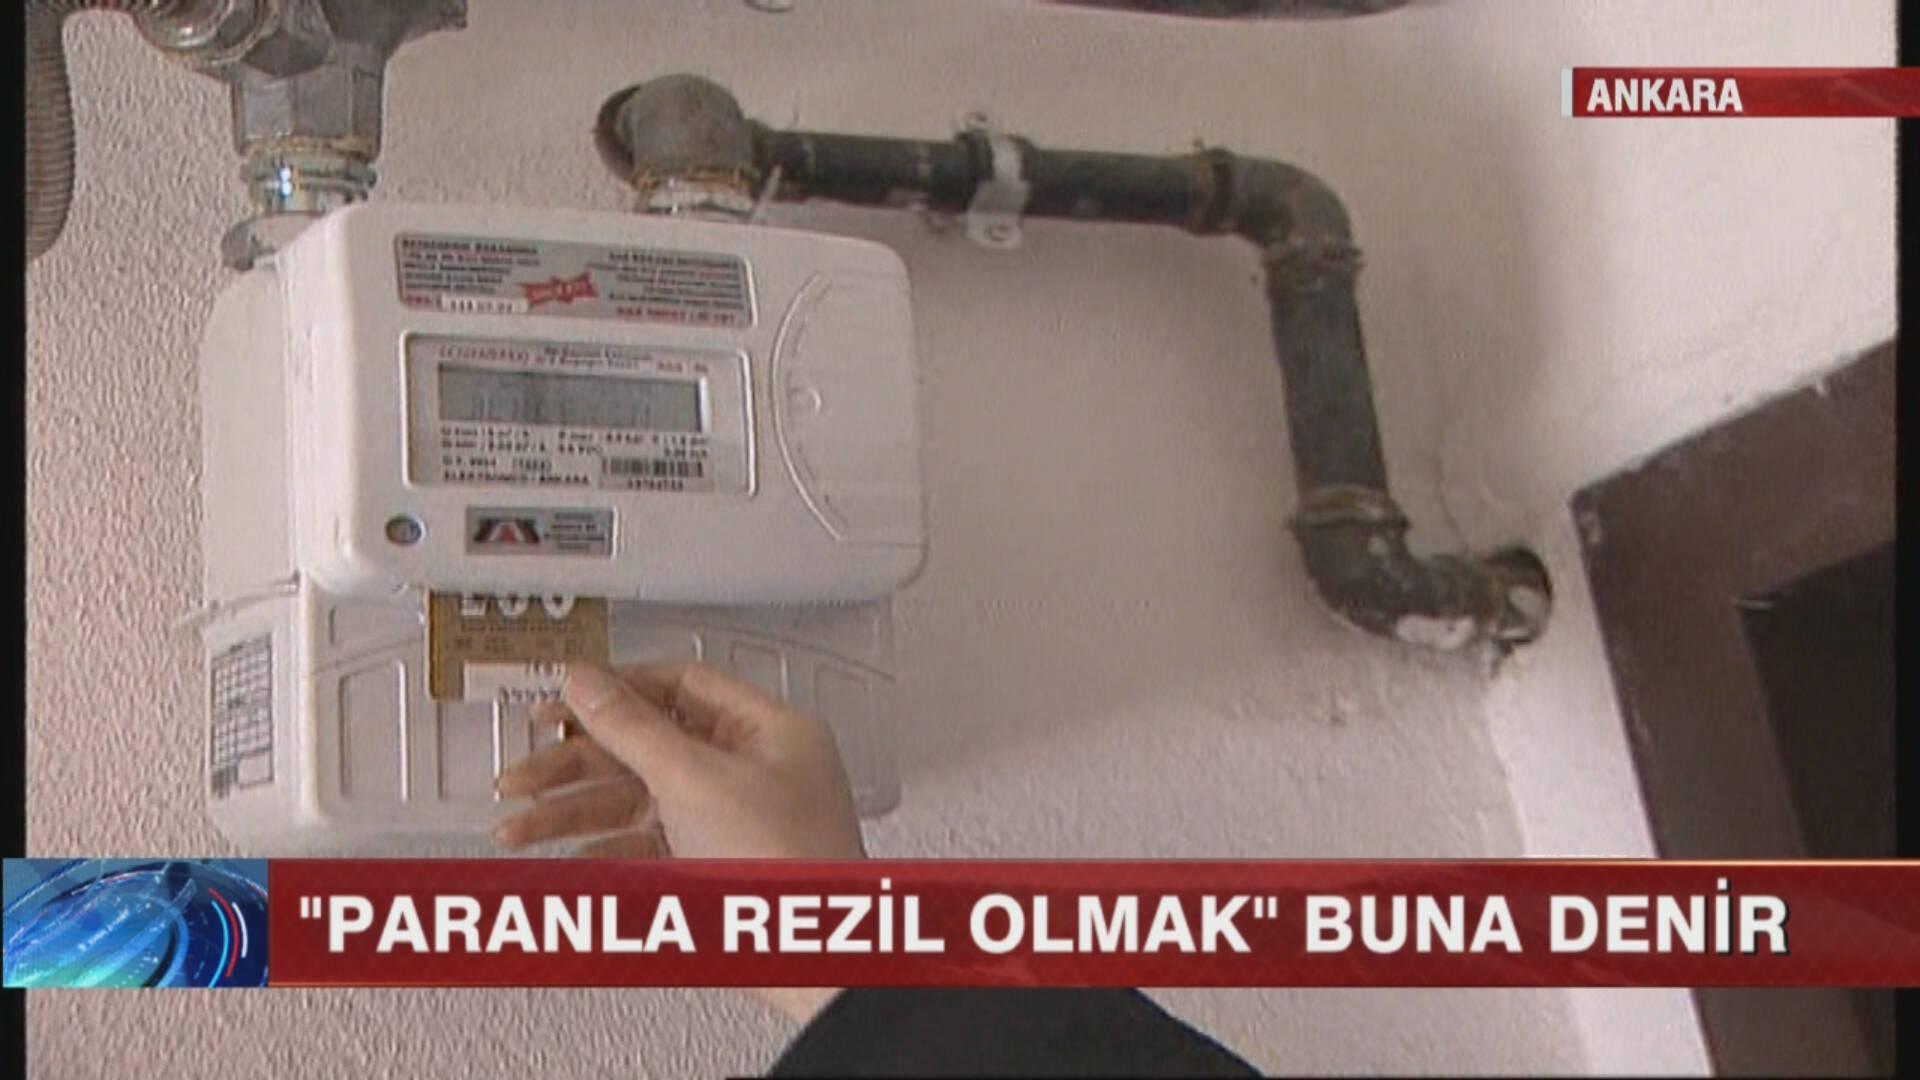 Ankara'lıların soğuk ile imtihanı!